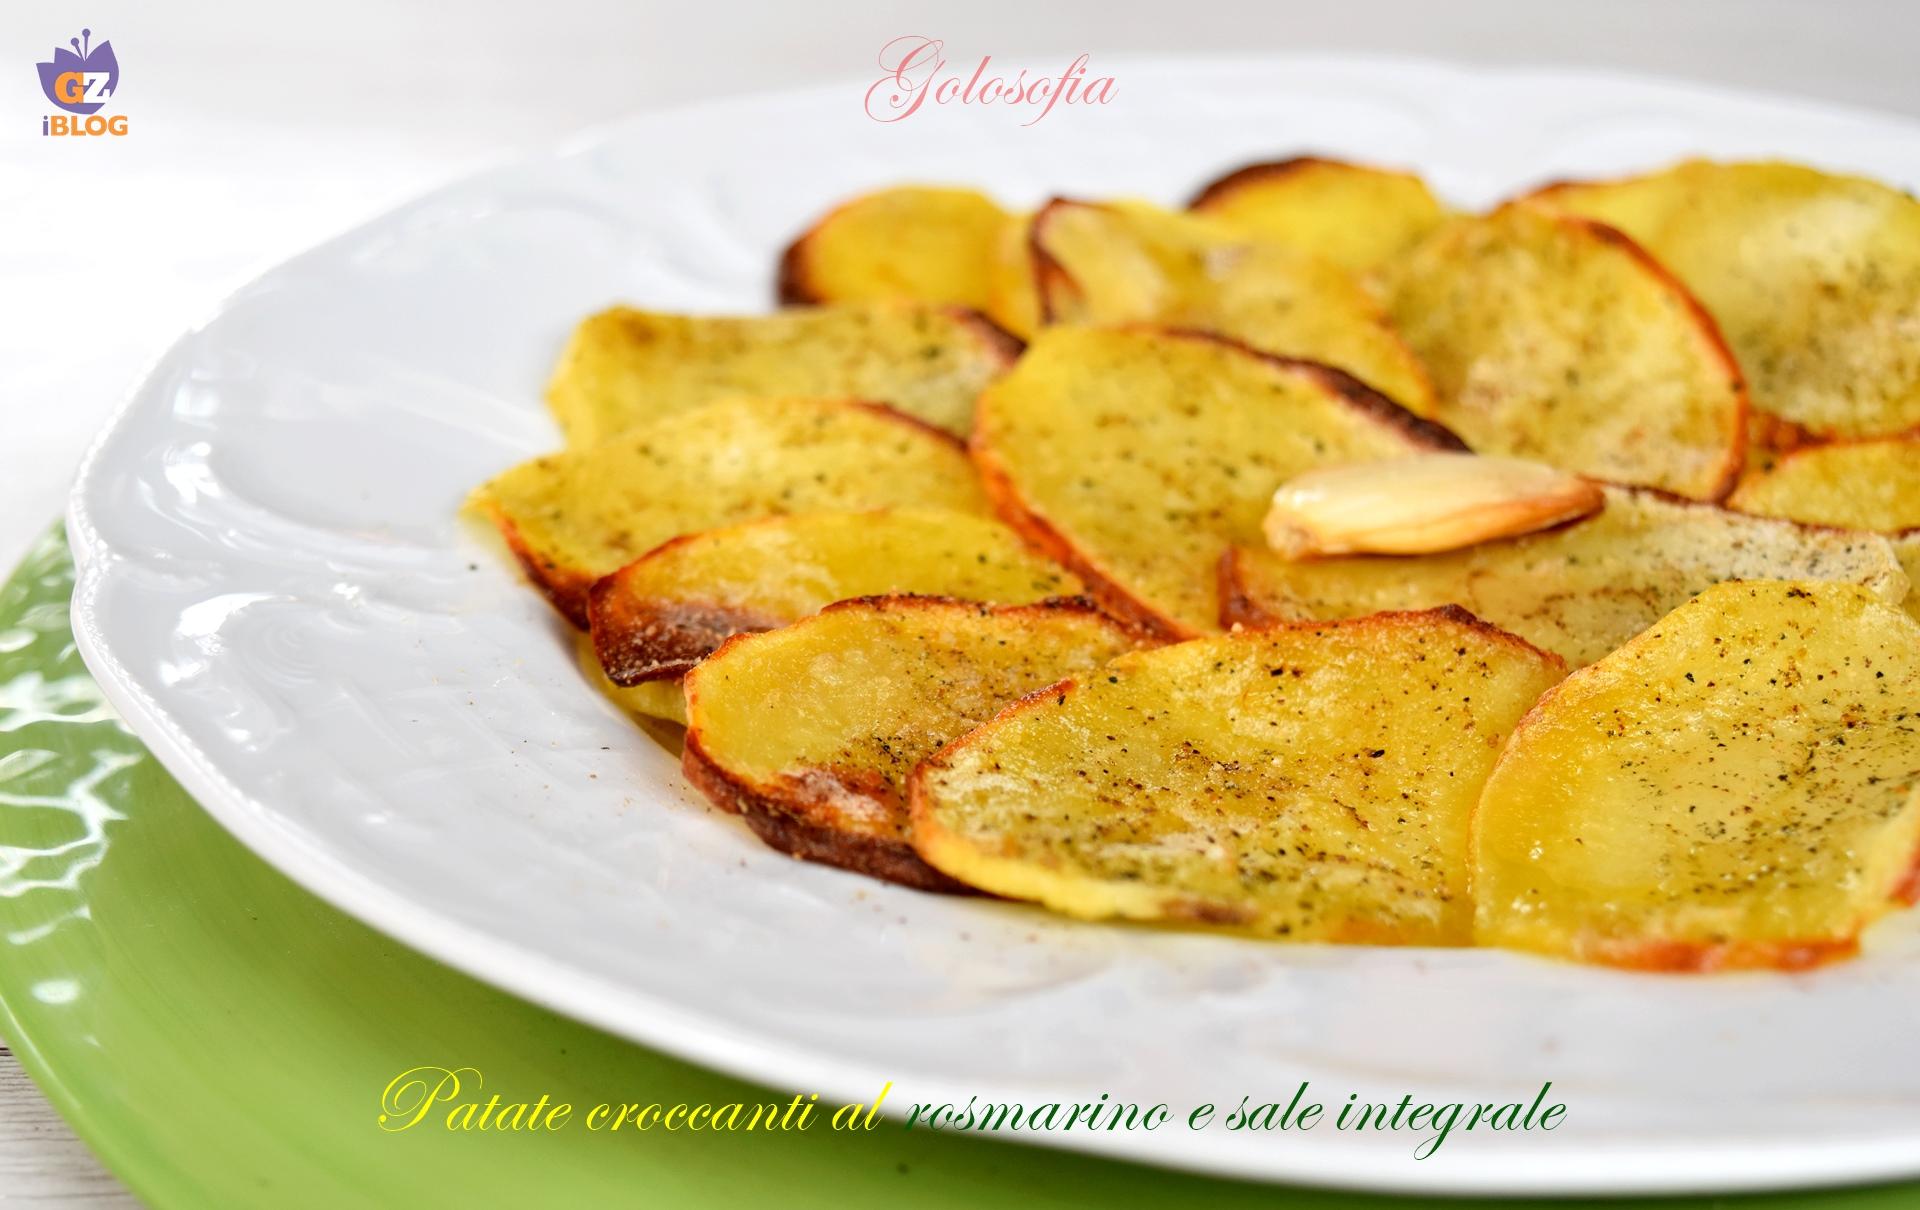 Patate croccanti al rosmarino e sale integrale-ricetta contorni-golosofia